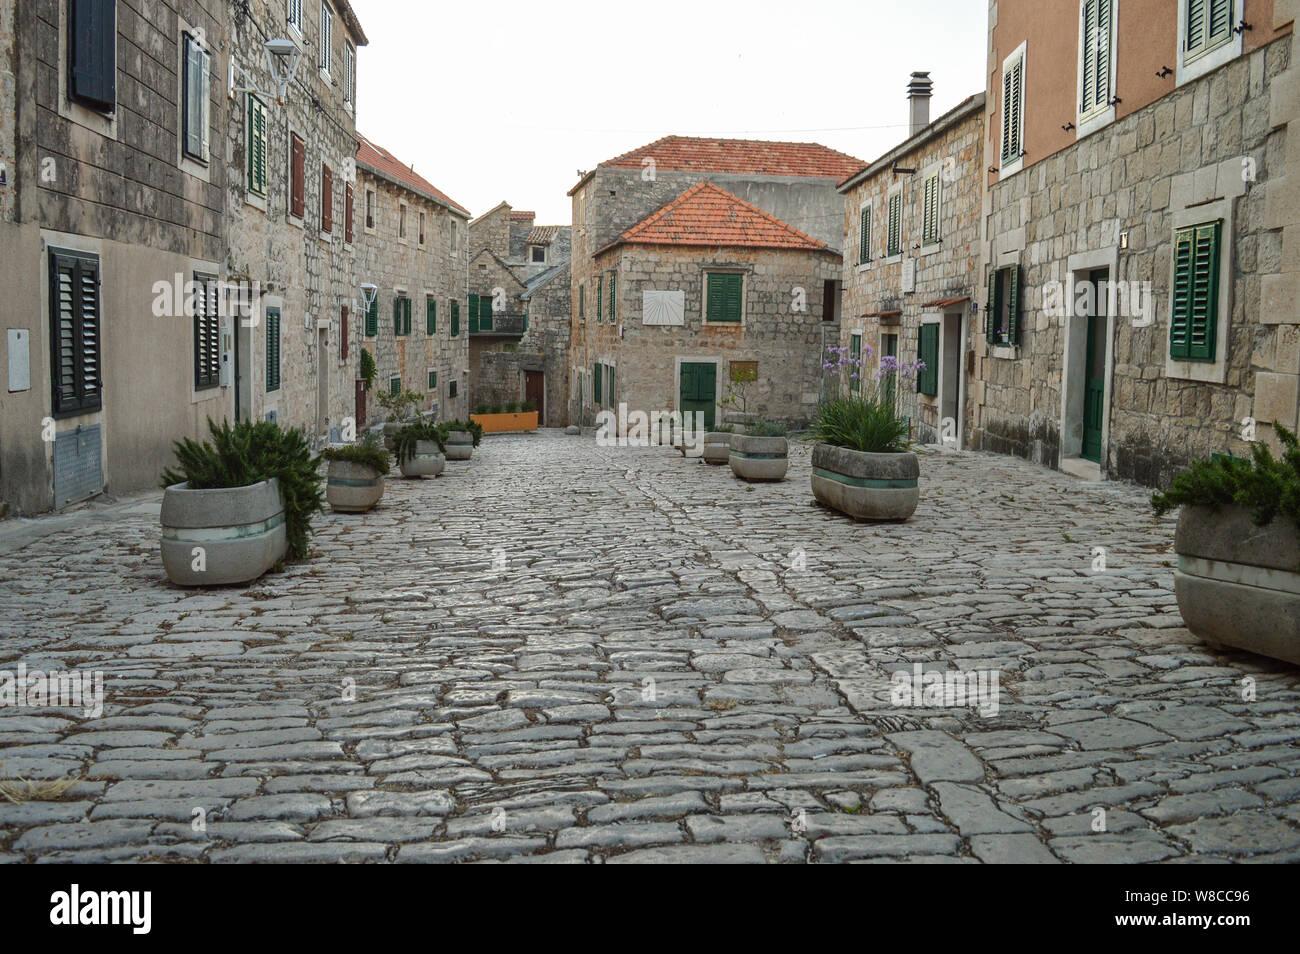 L'architecture typiquement dalmate en pierre, les rues de la ville Postira, Venise, Italie Banque D'Images